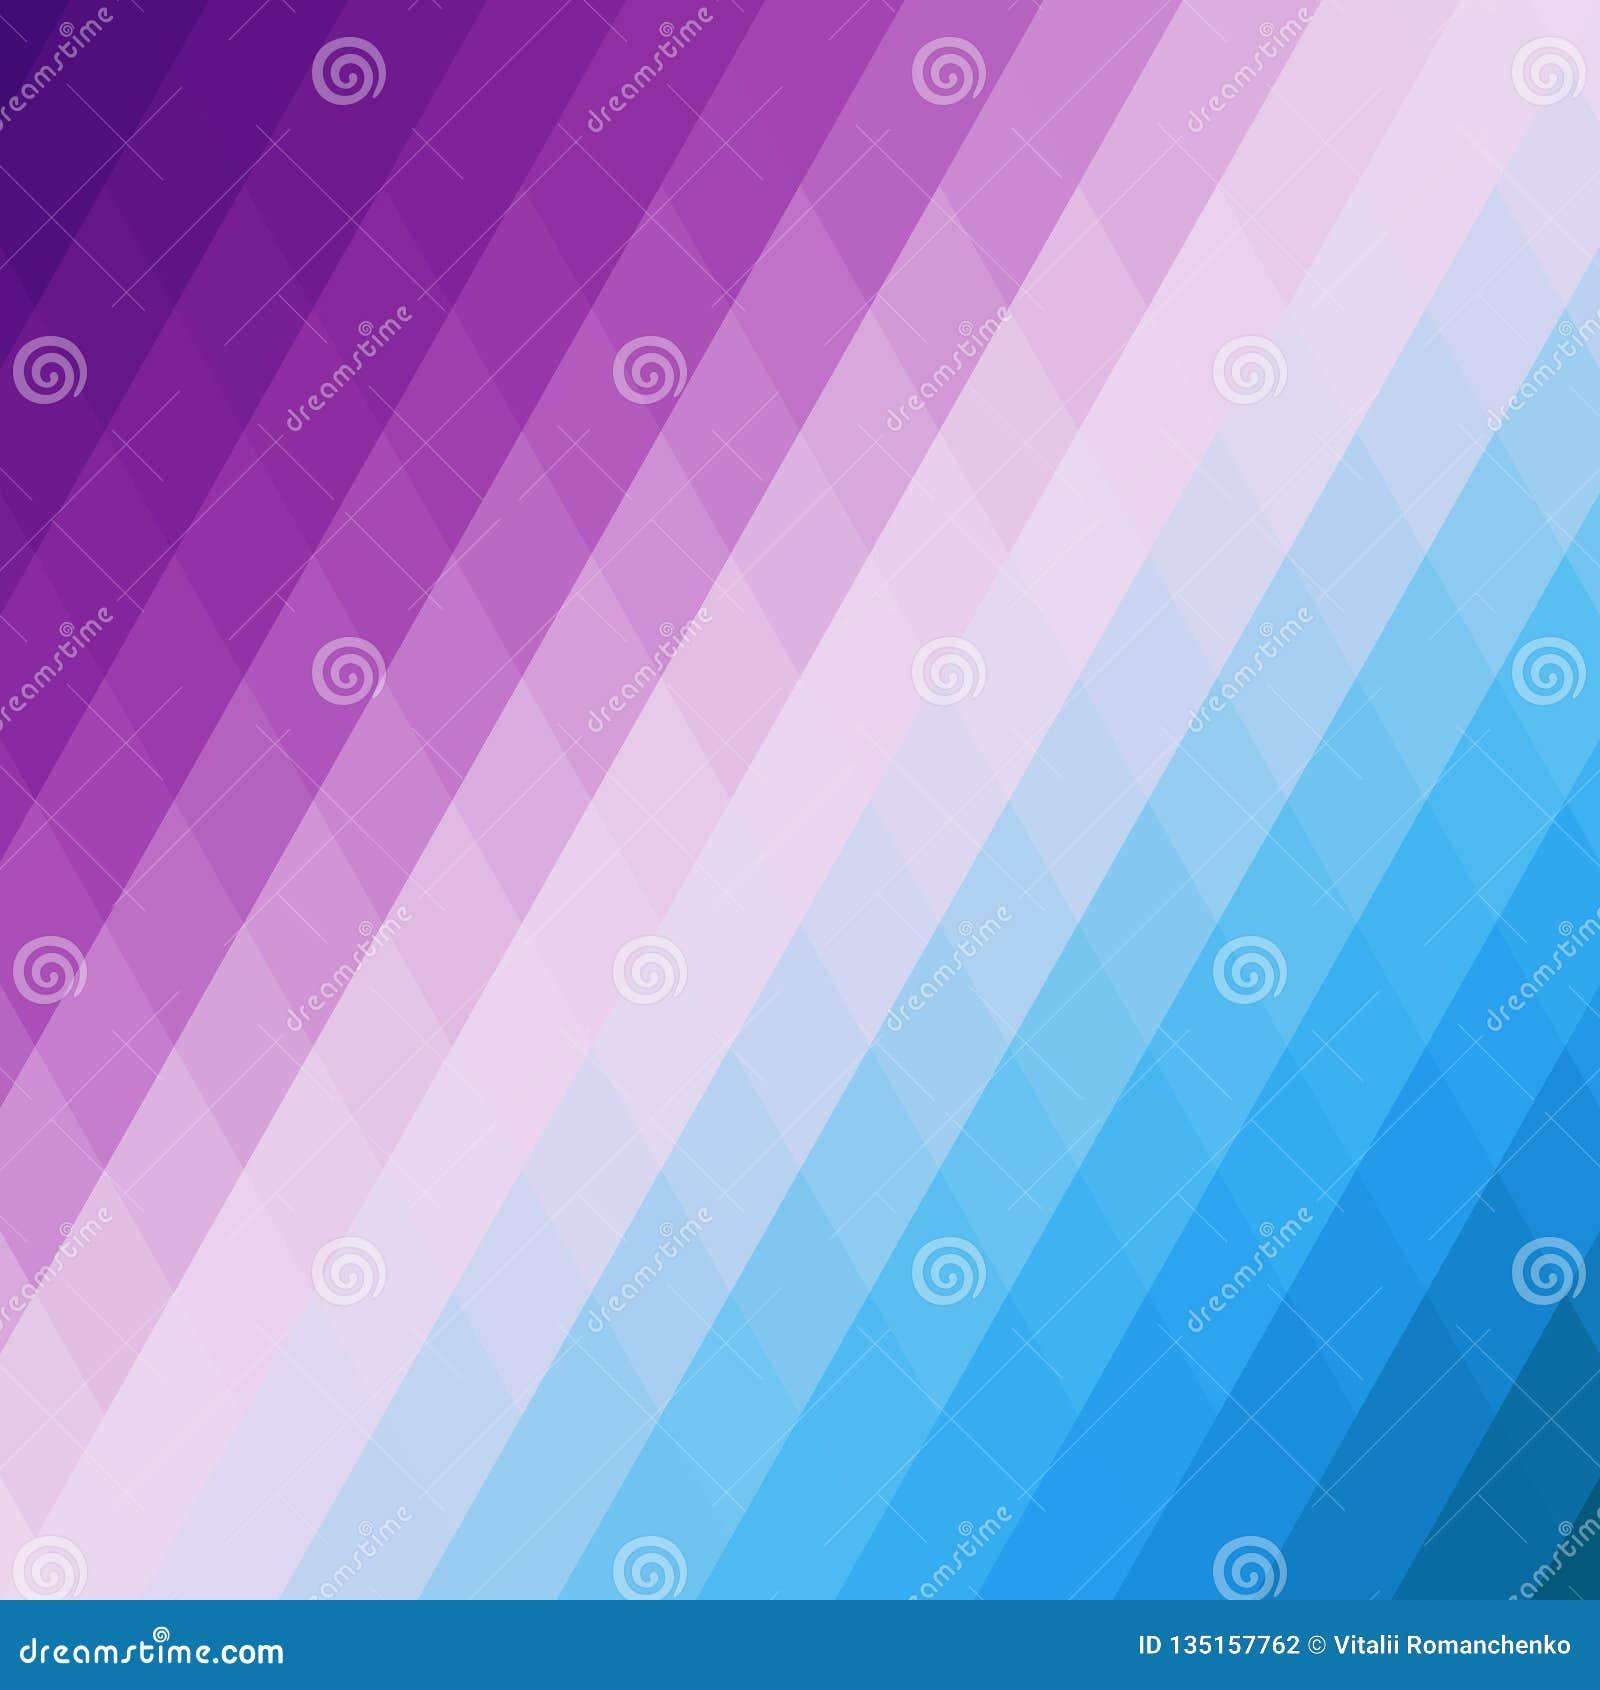 E Mosaico colorido de formas simétricas r